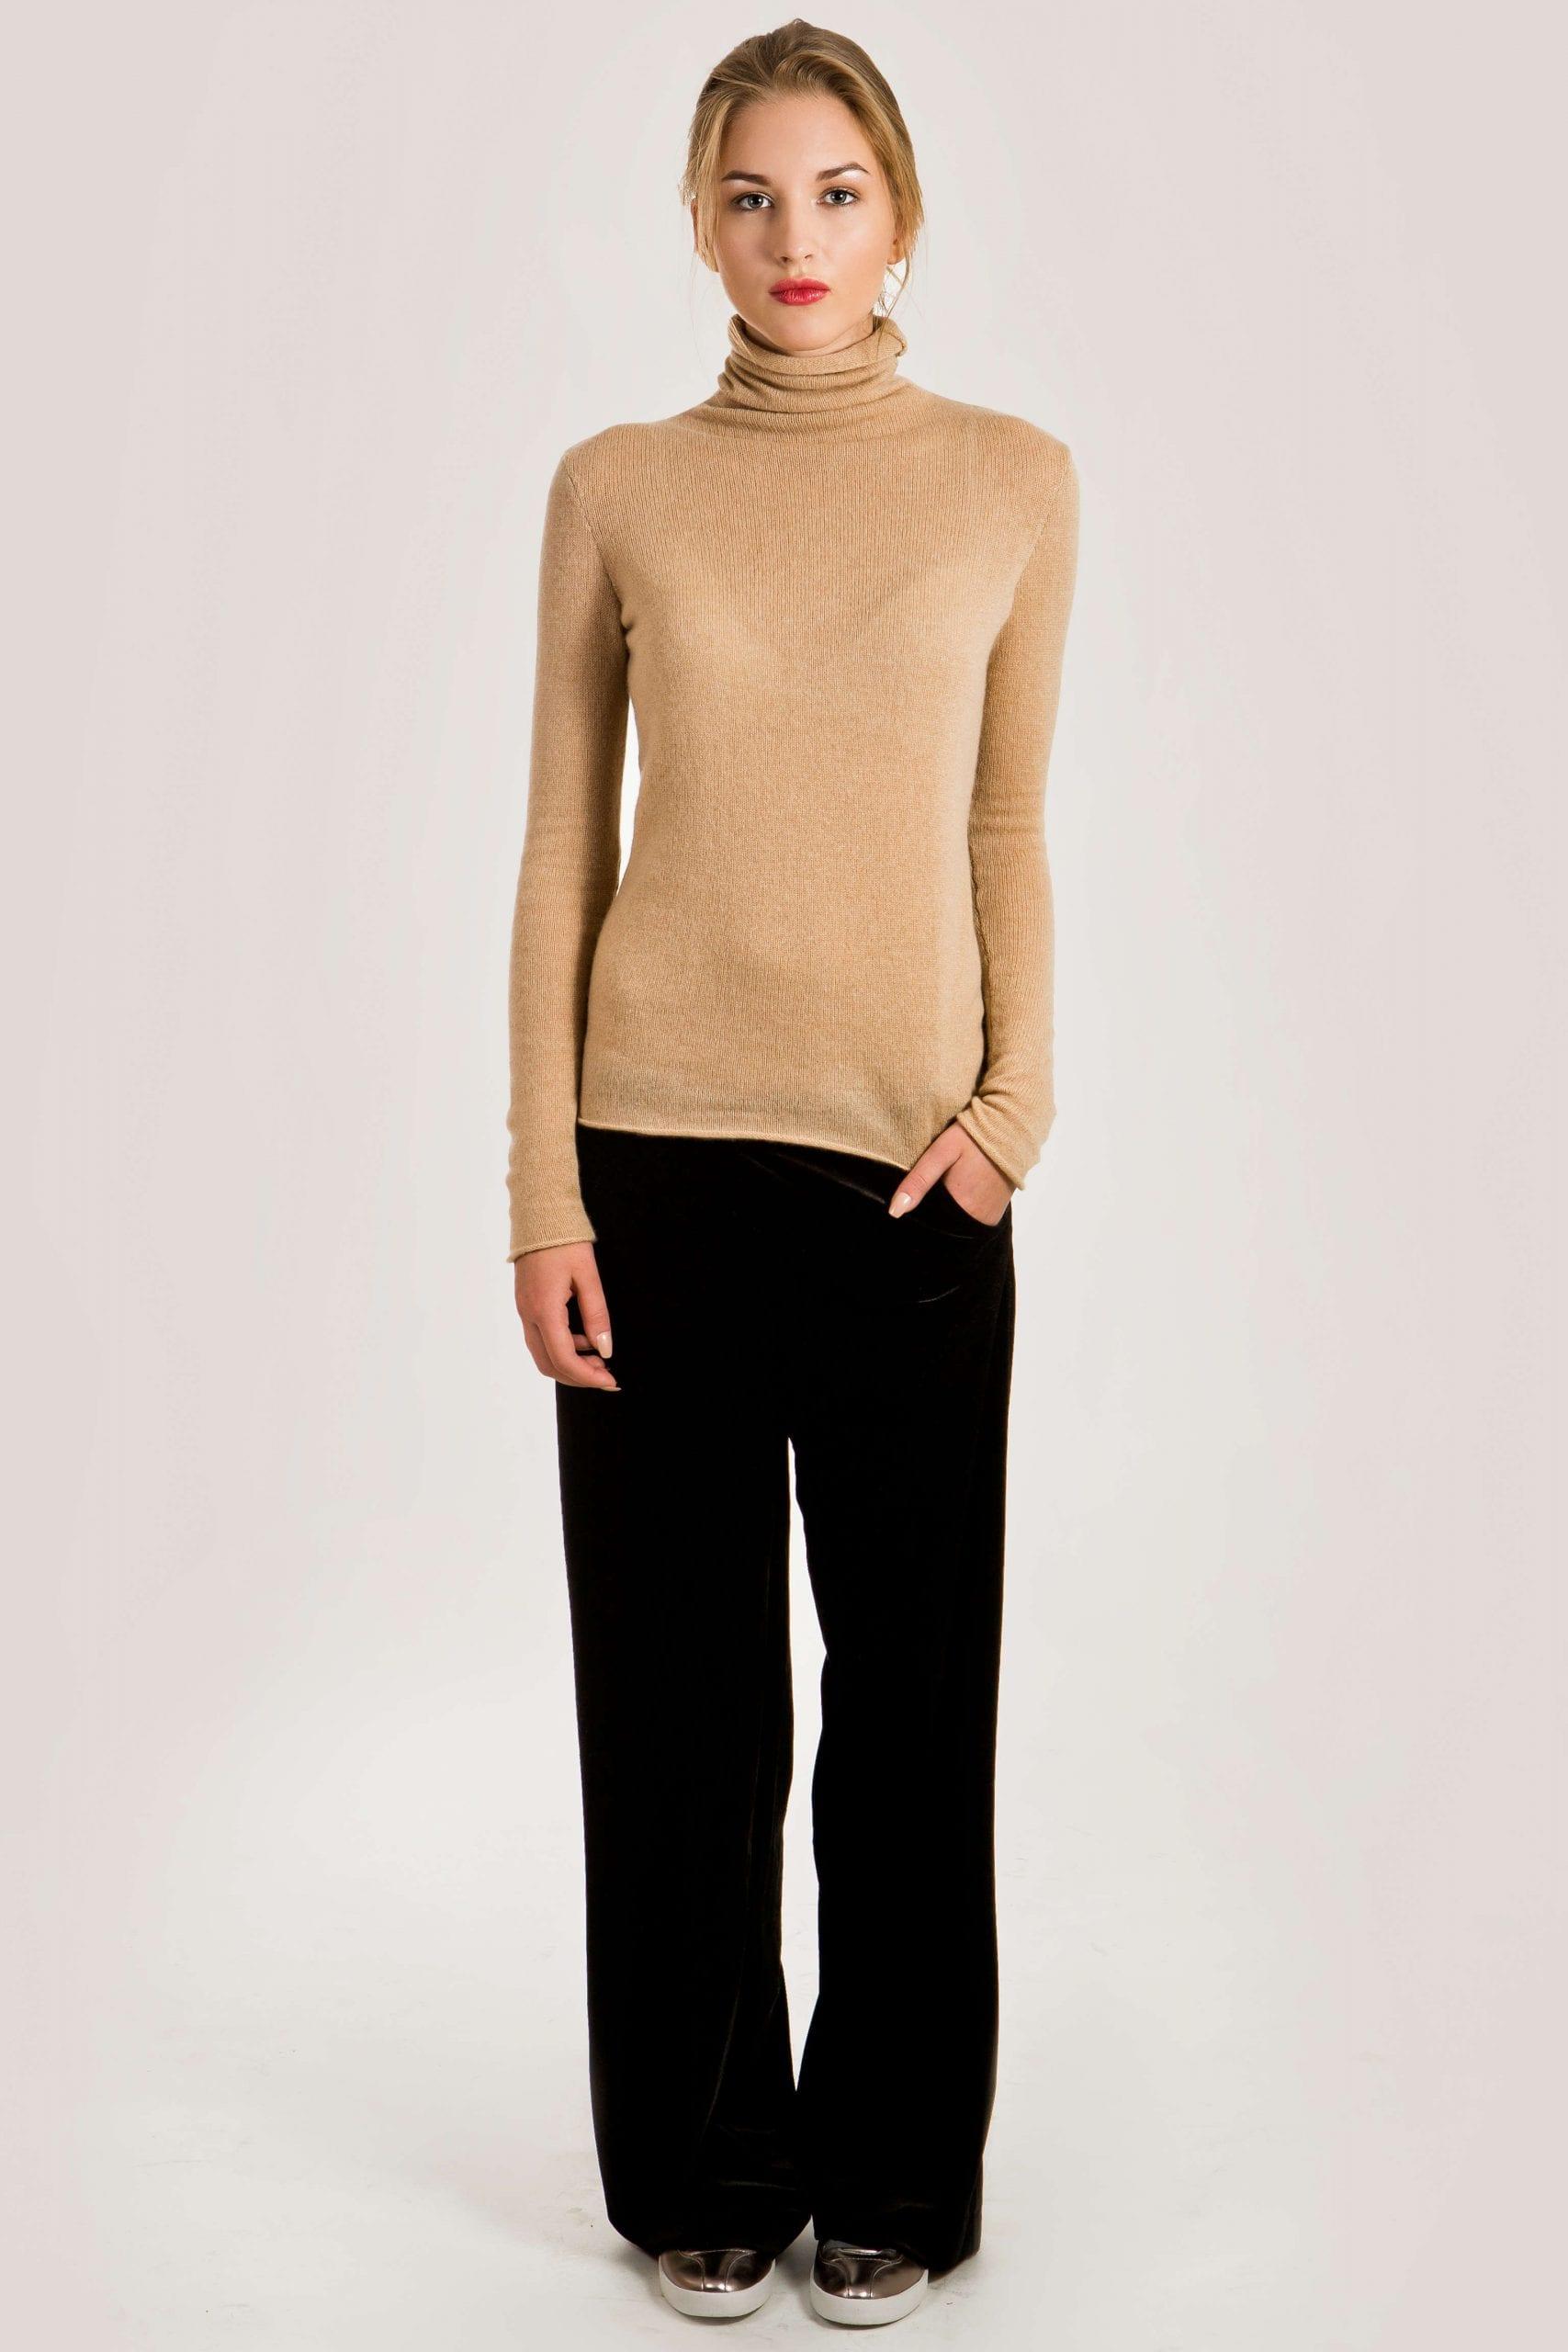 Kamel Kaschmir Rollkragen Pullover für Damen MARGO